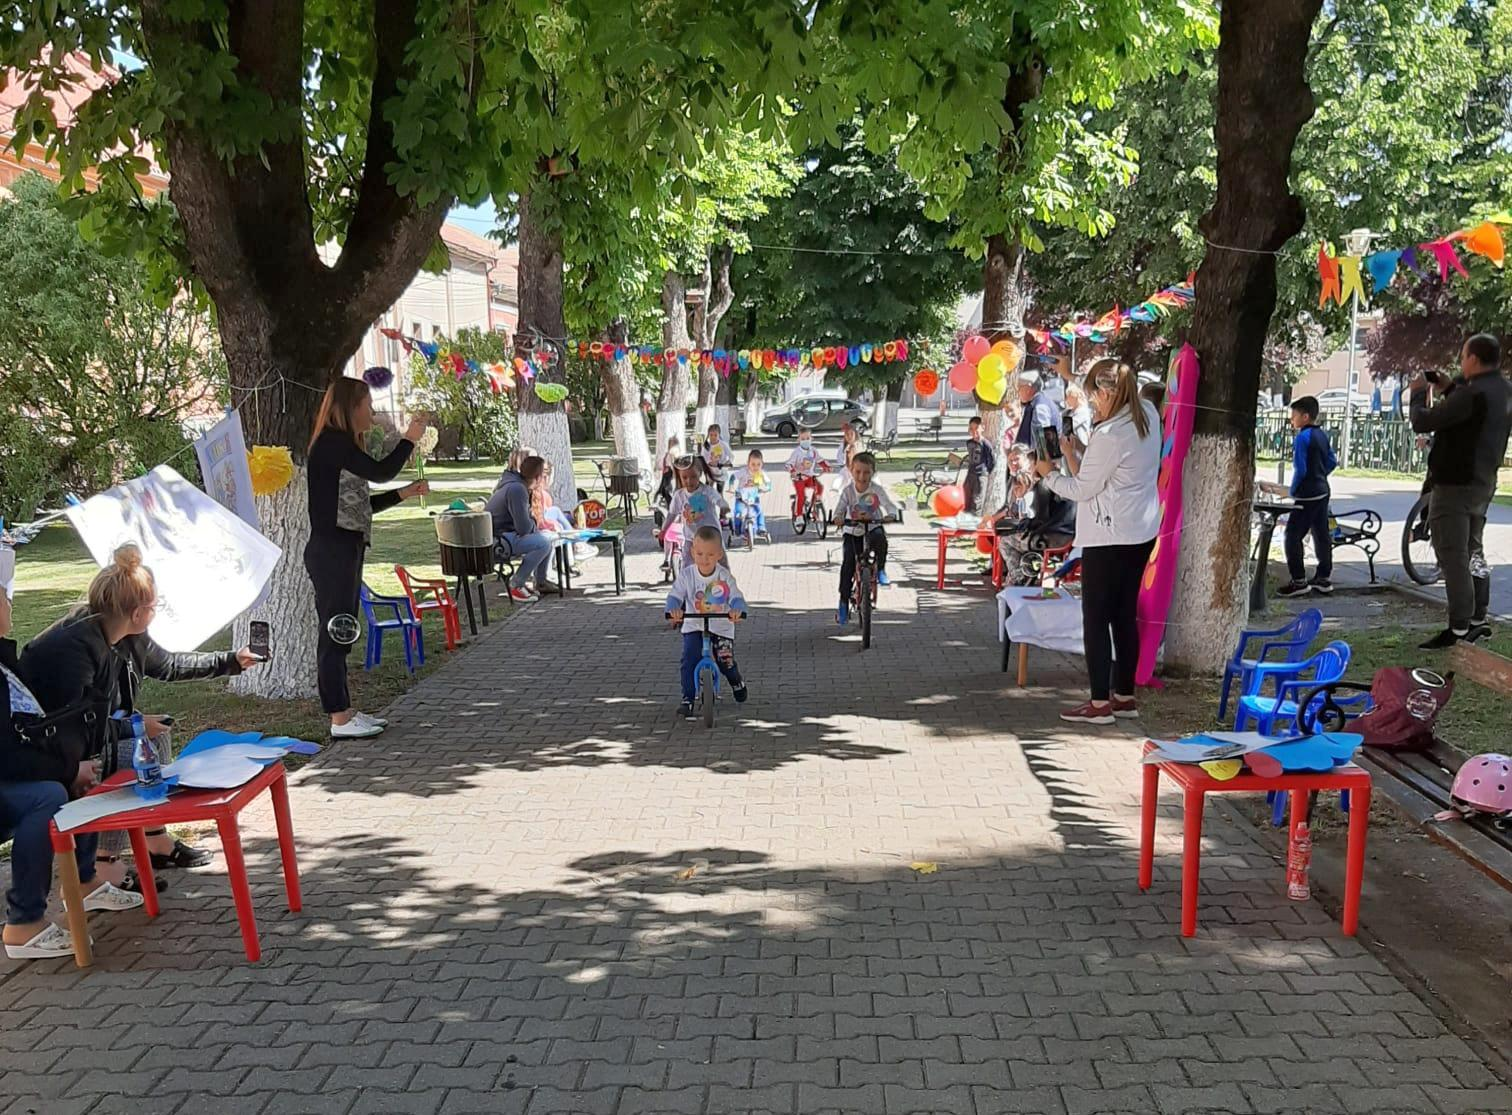 Educație rutieră pentru cei mici, de ziua lor (GALERIE FOTO)